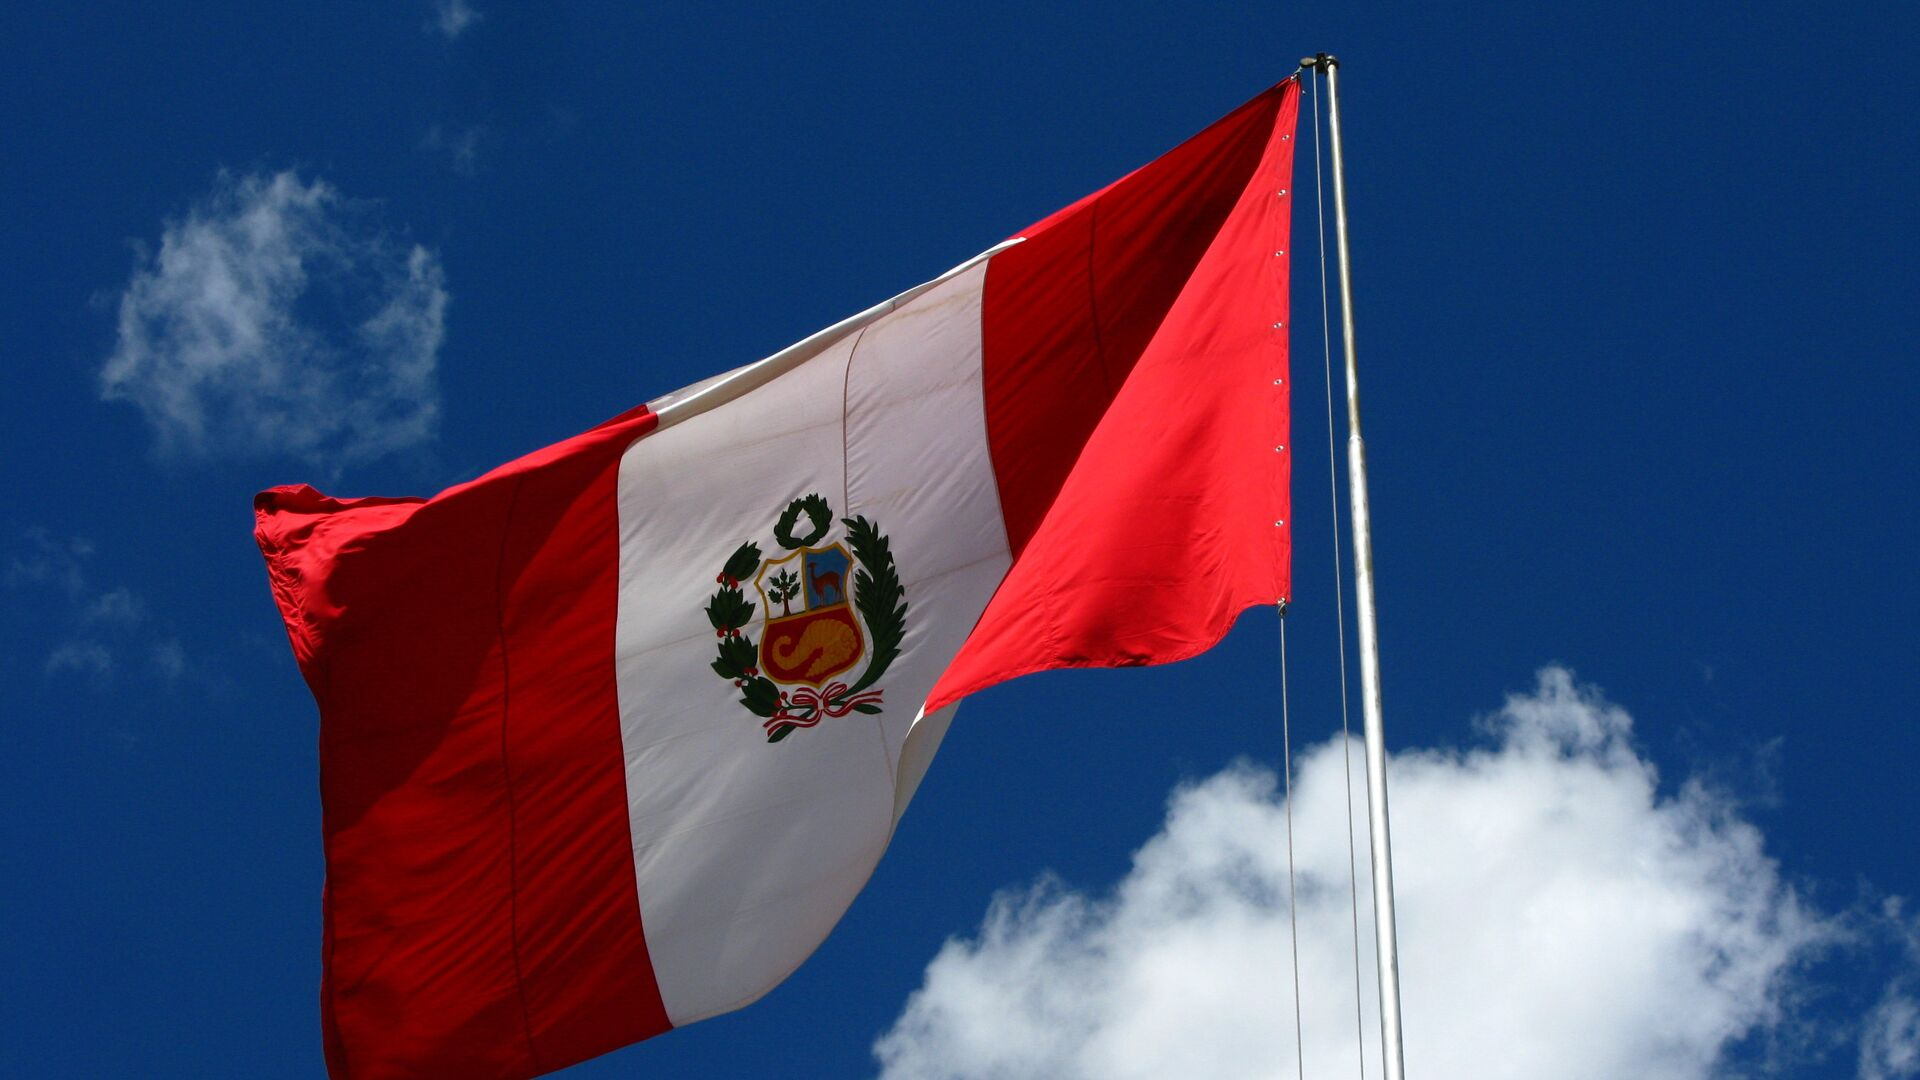 Bandera del Perú - Sputnik Mundo, 1920, 23.03.2021